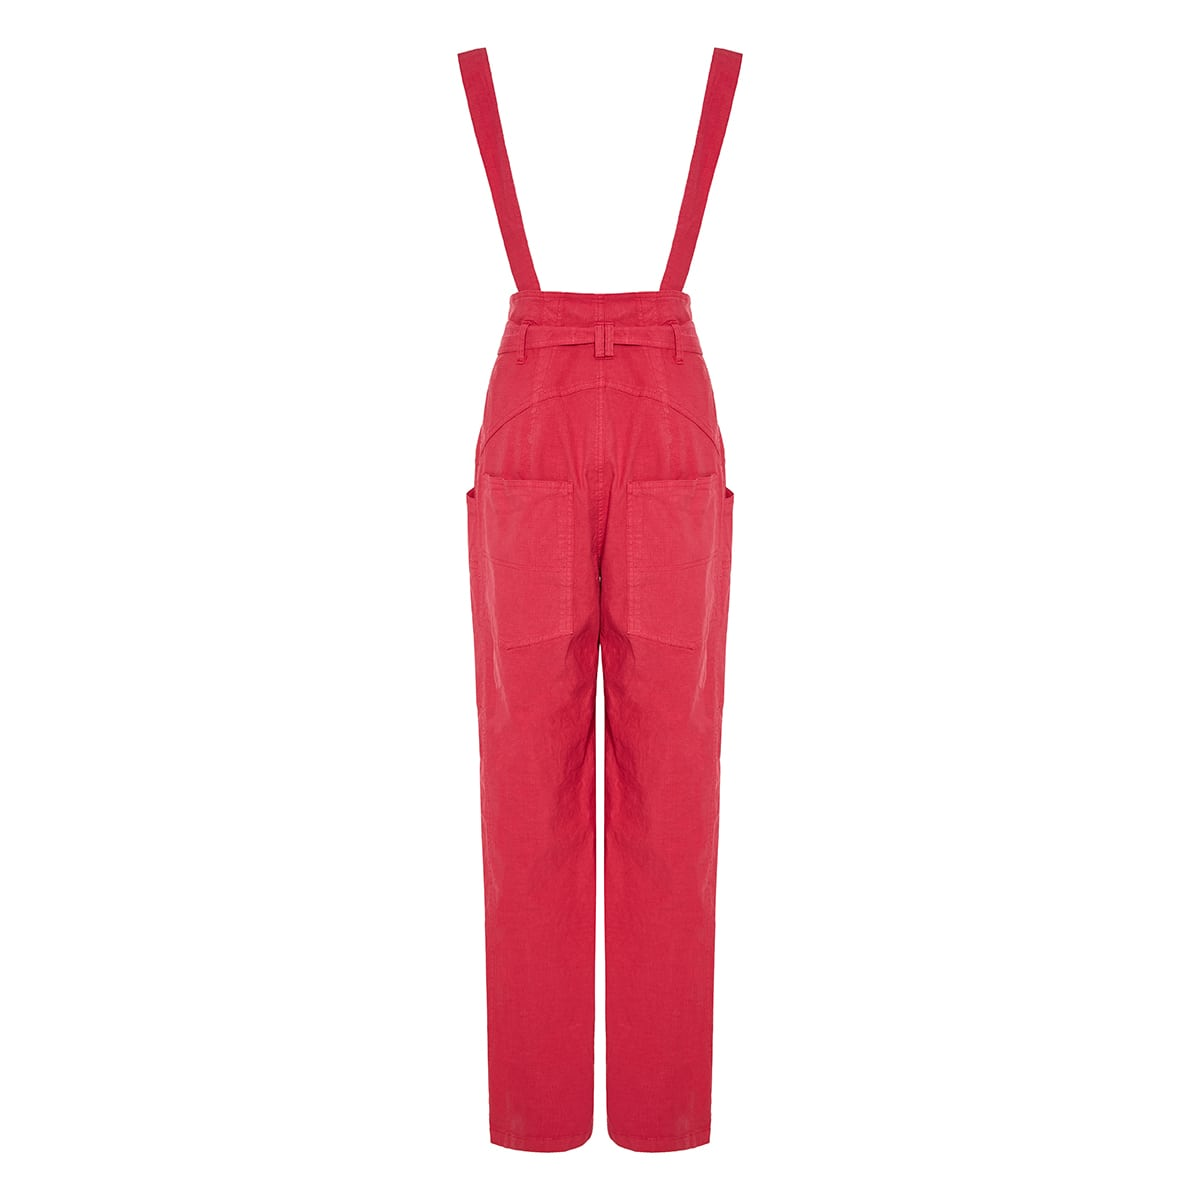 Fineba wide-leg overalls